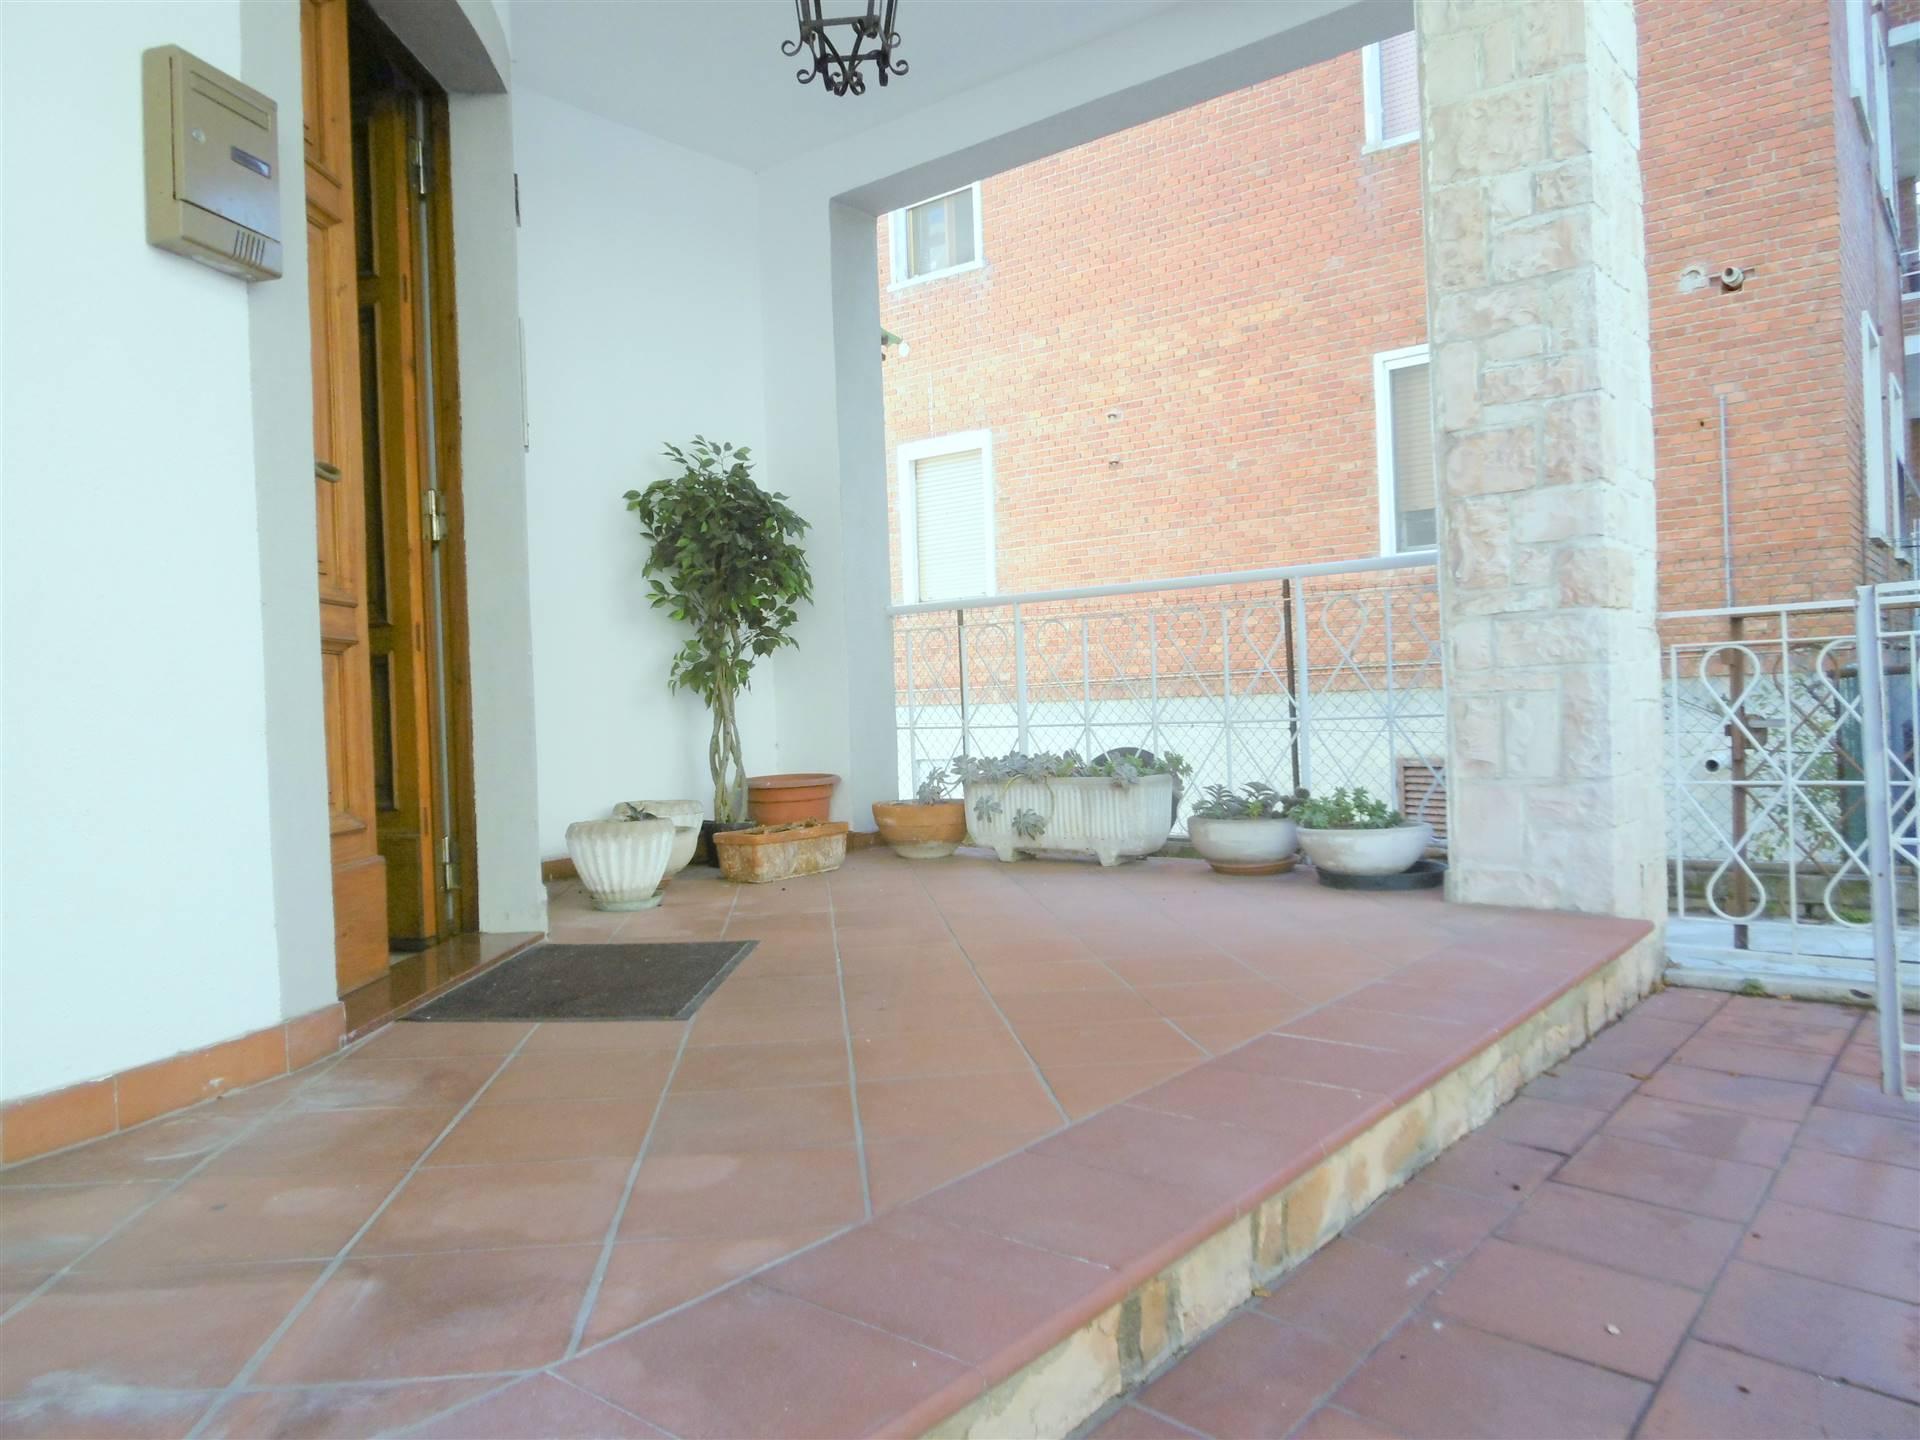 ALL IMMOBILIARE SAS propone in vendita ad OSIMO in zona centrale, appartamento in bifamiliare con ingresso indipendente con piccola corte pavimentata.